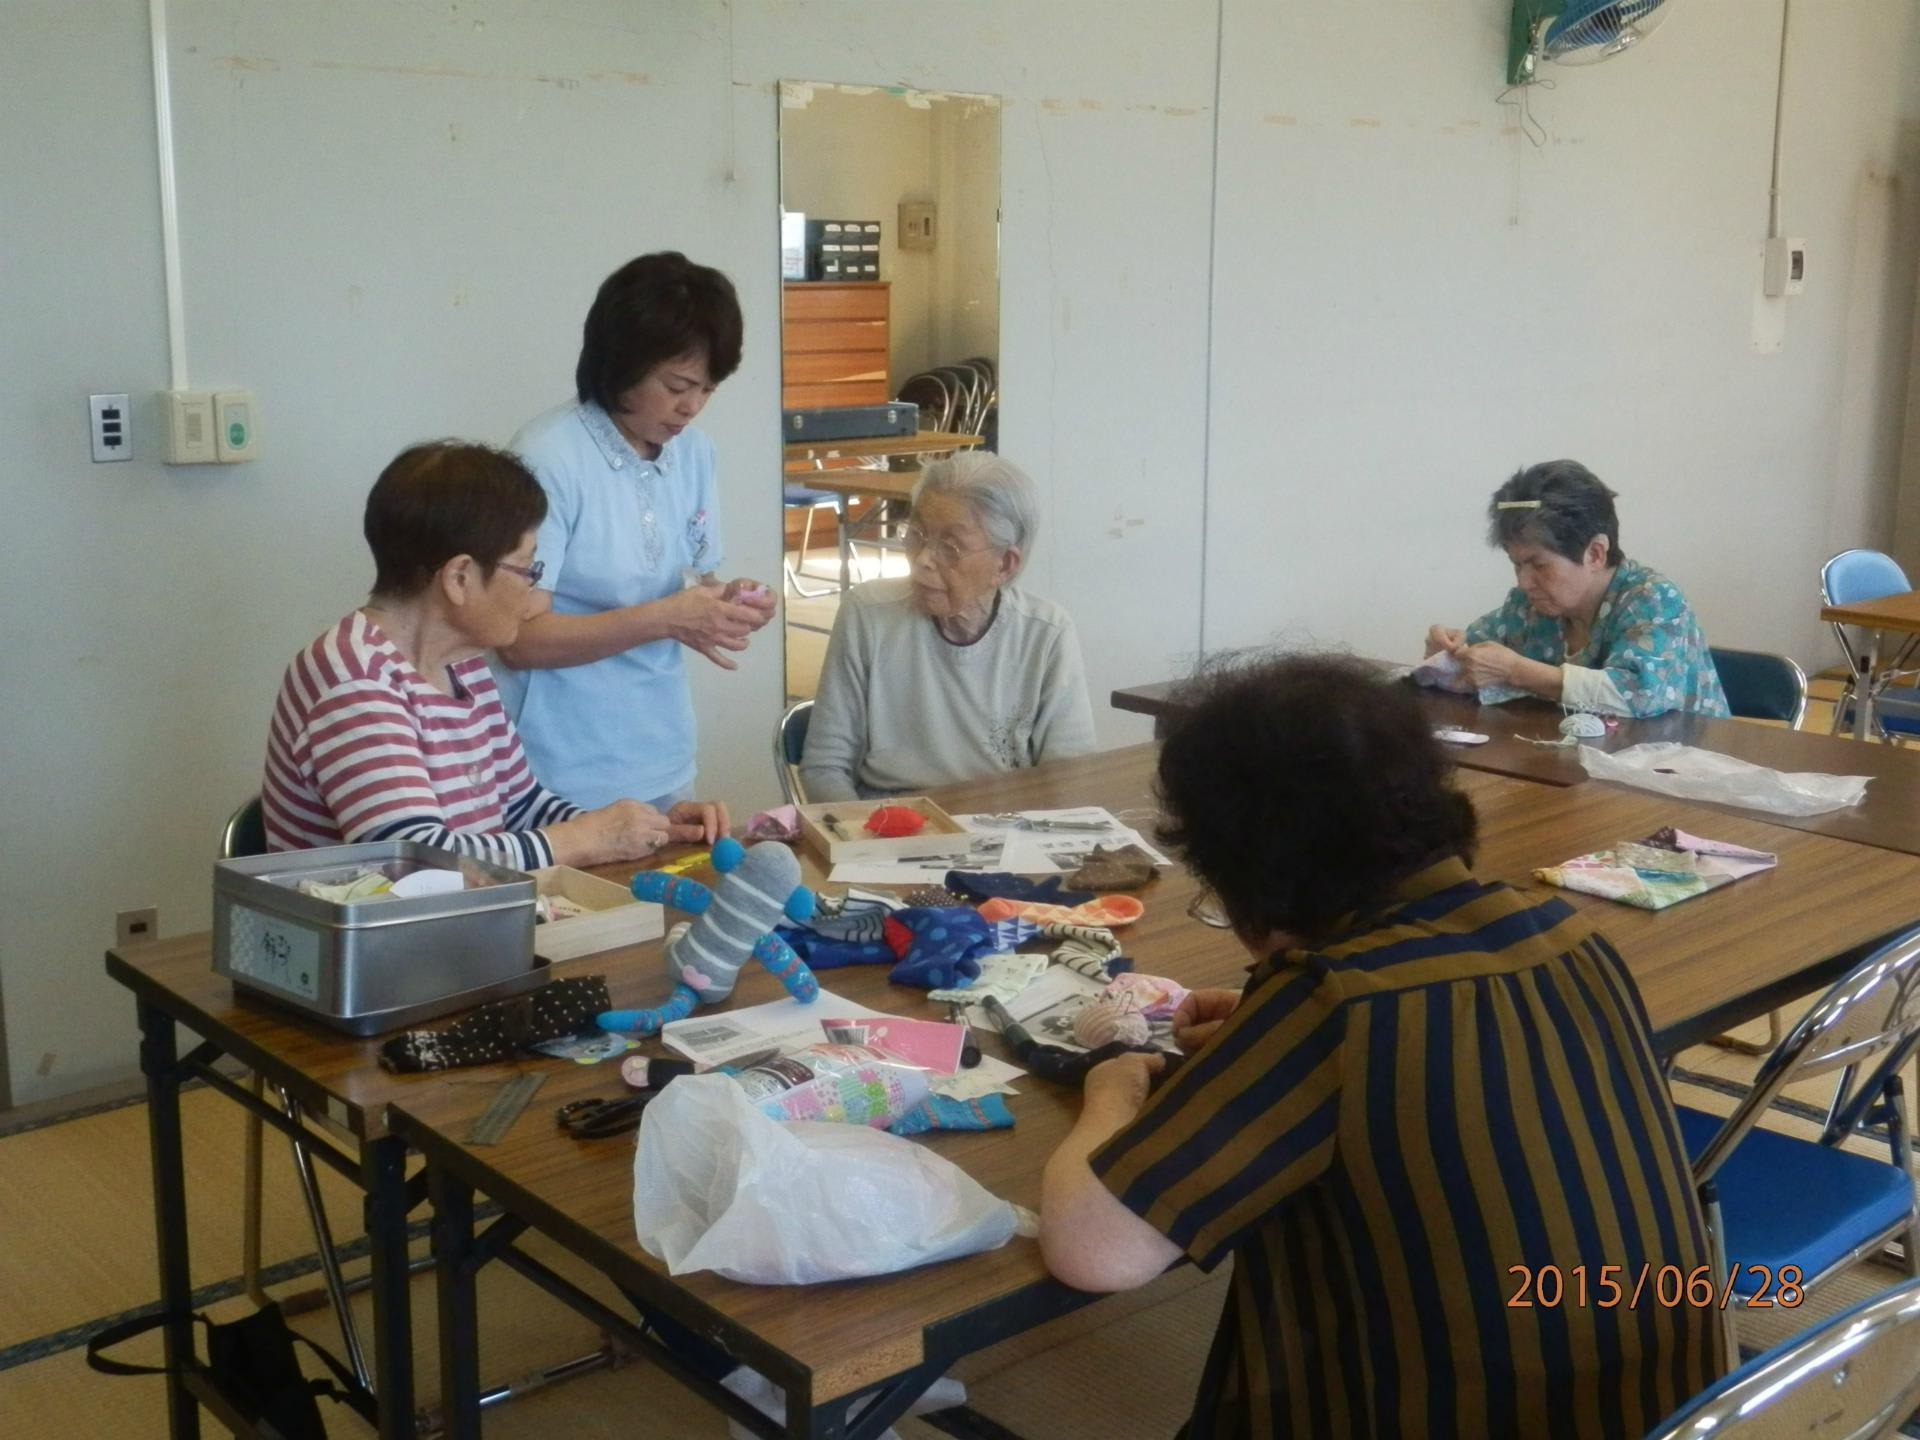 6月28日 手芸教室